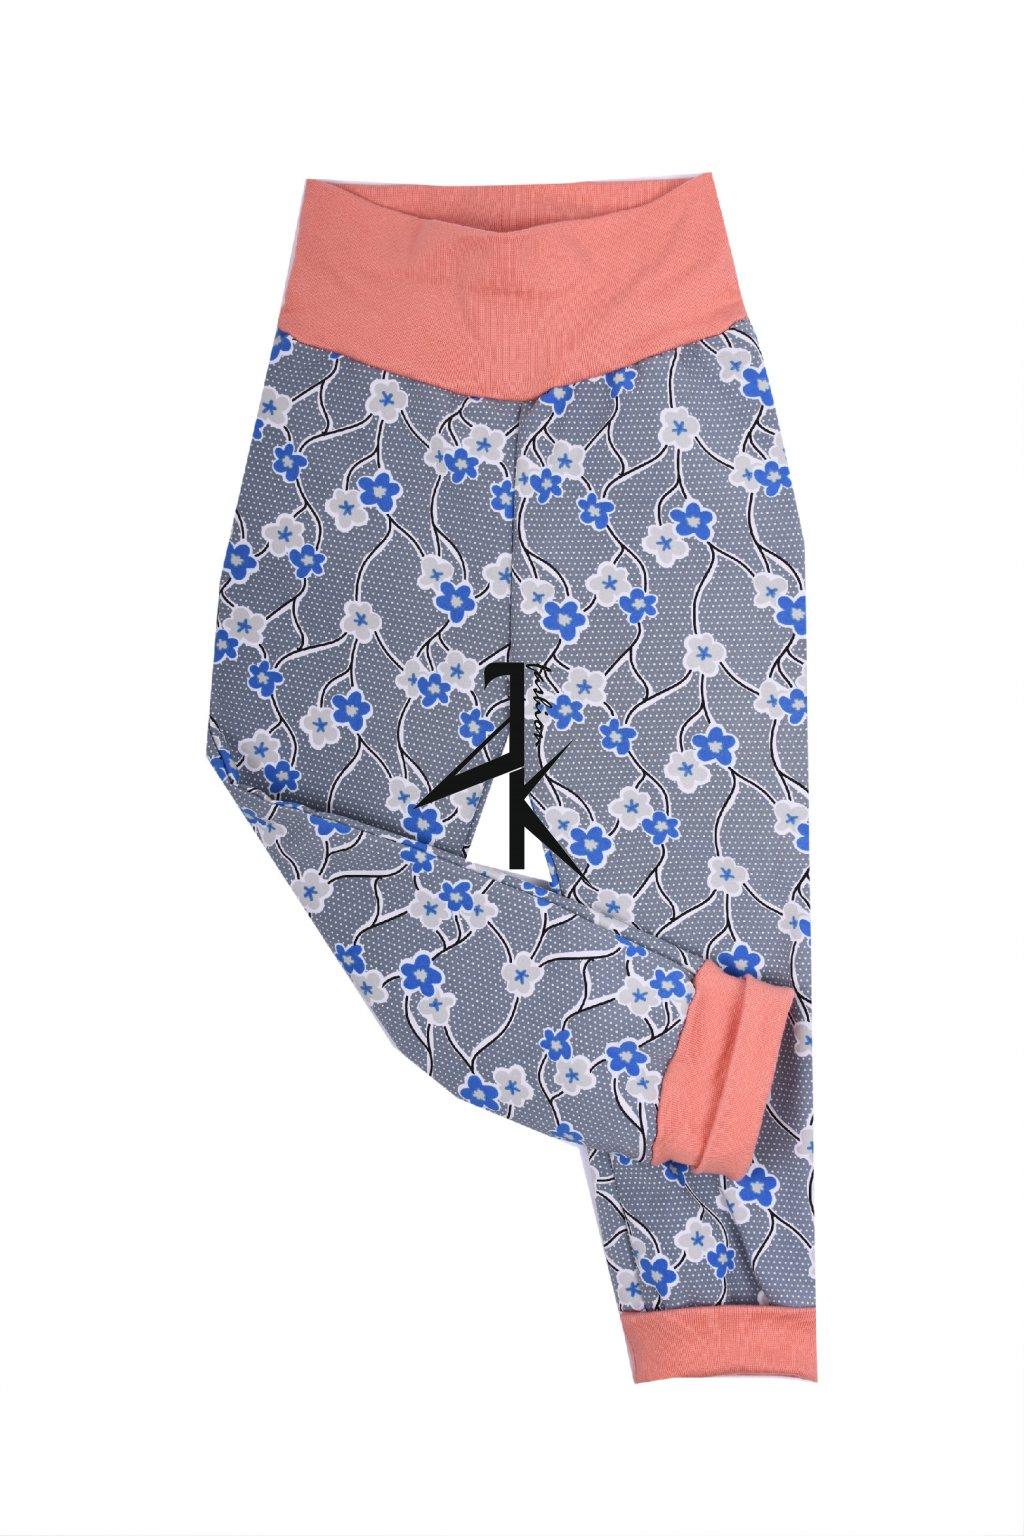 detske holka kalhoty softshell 11112860